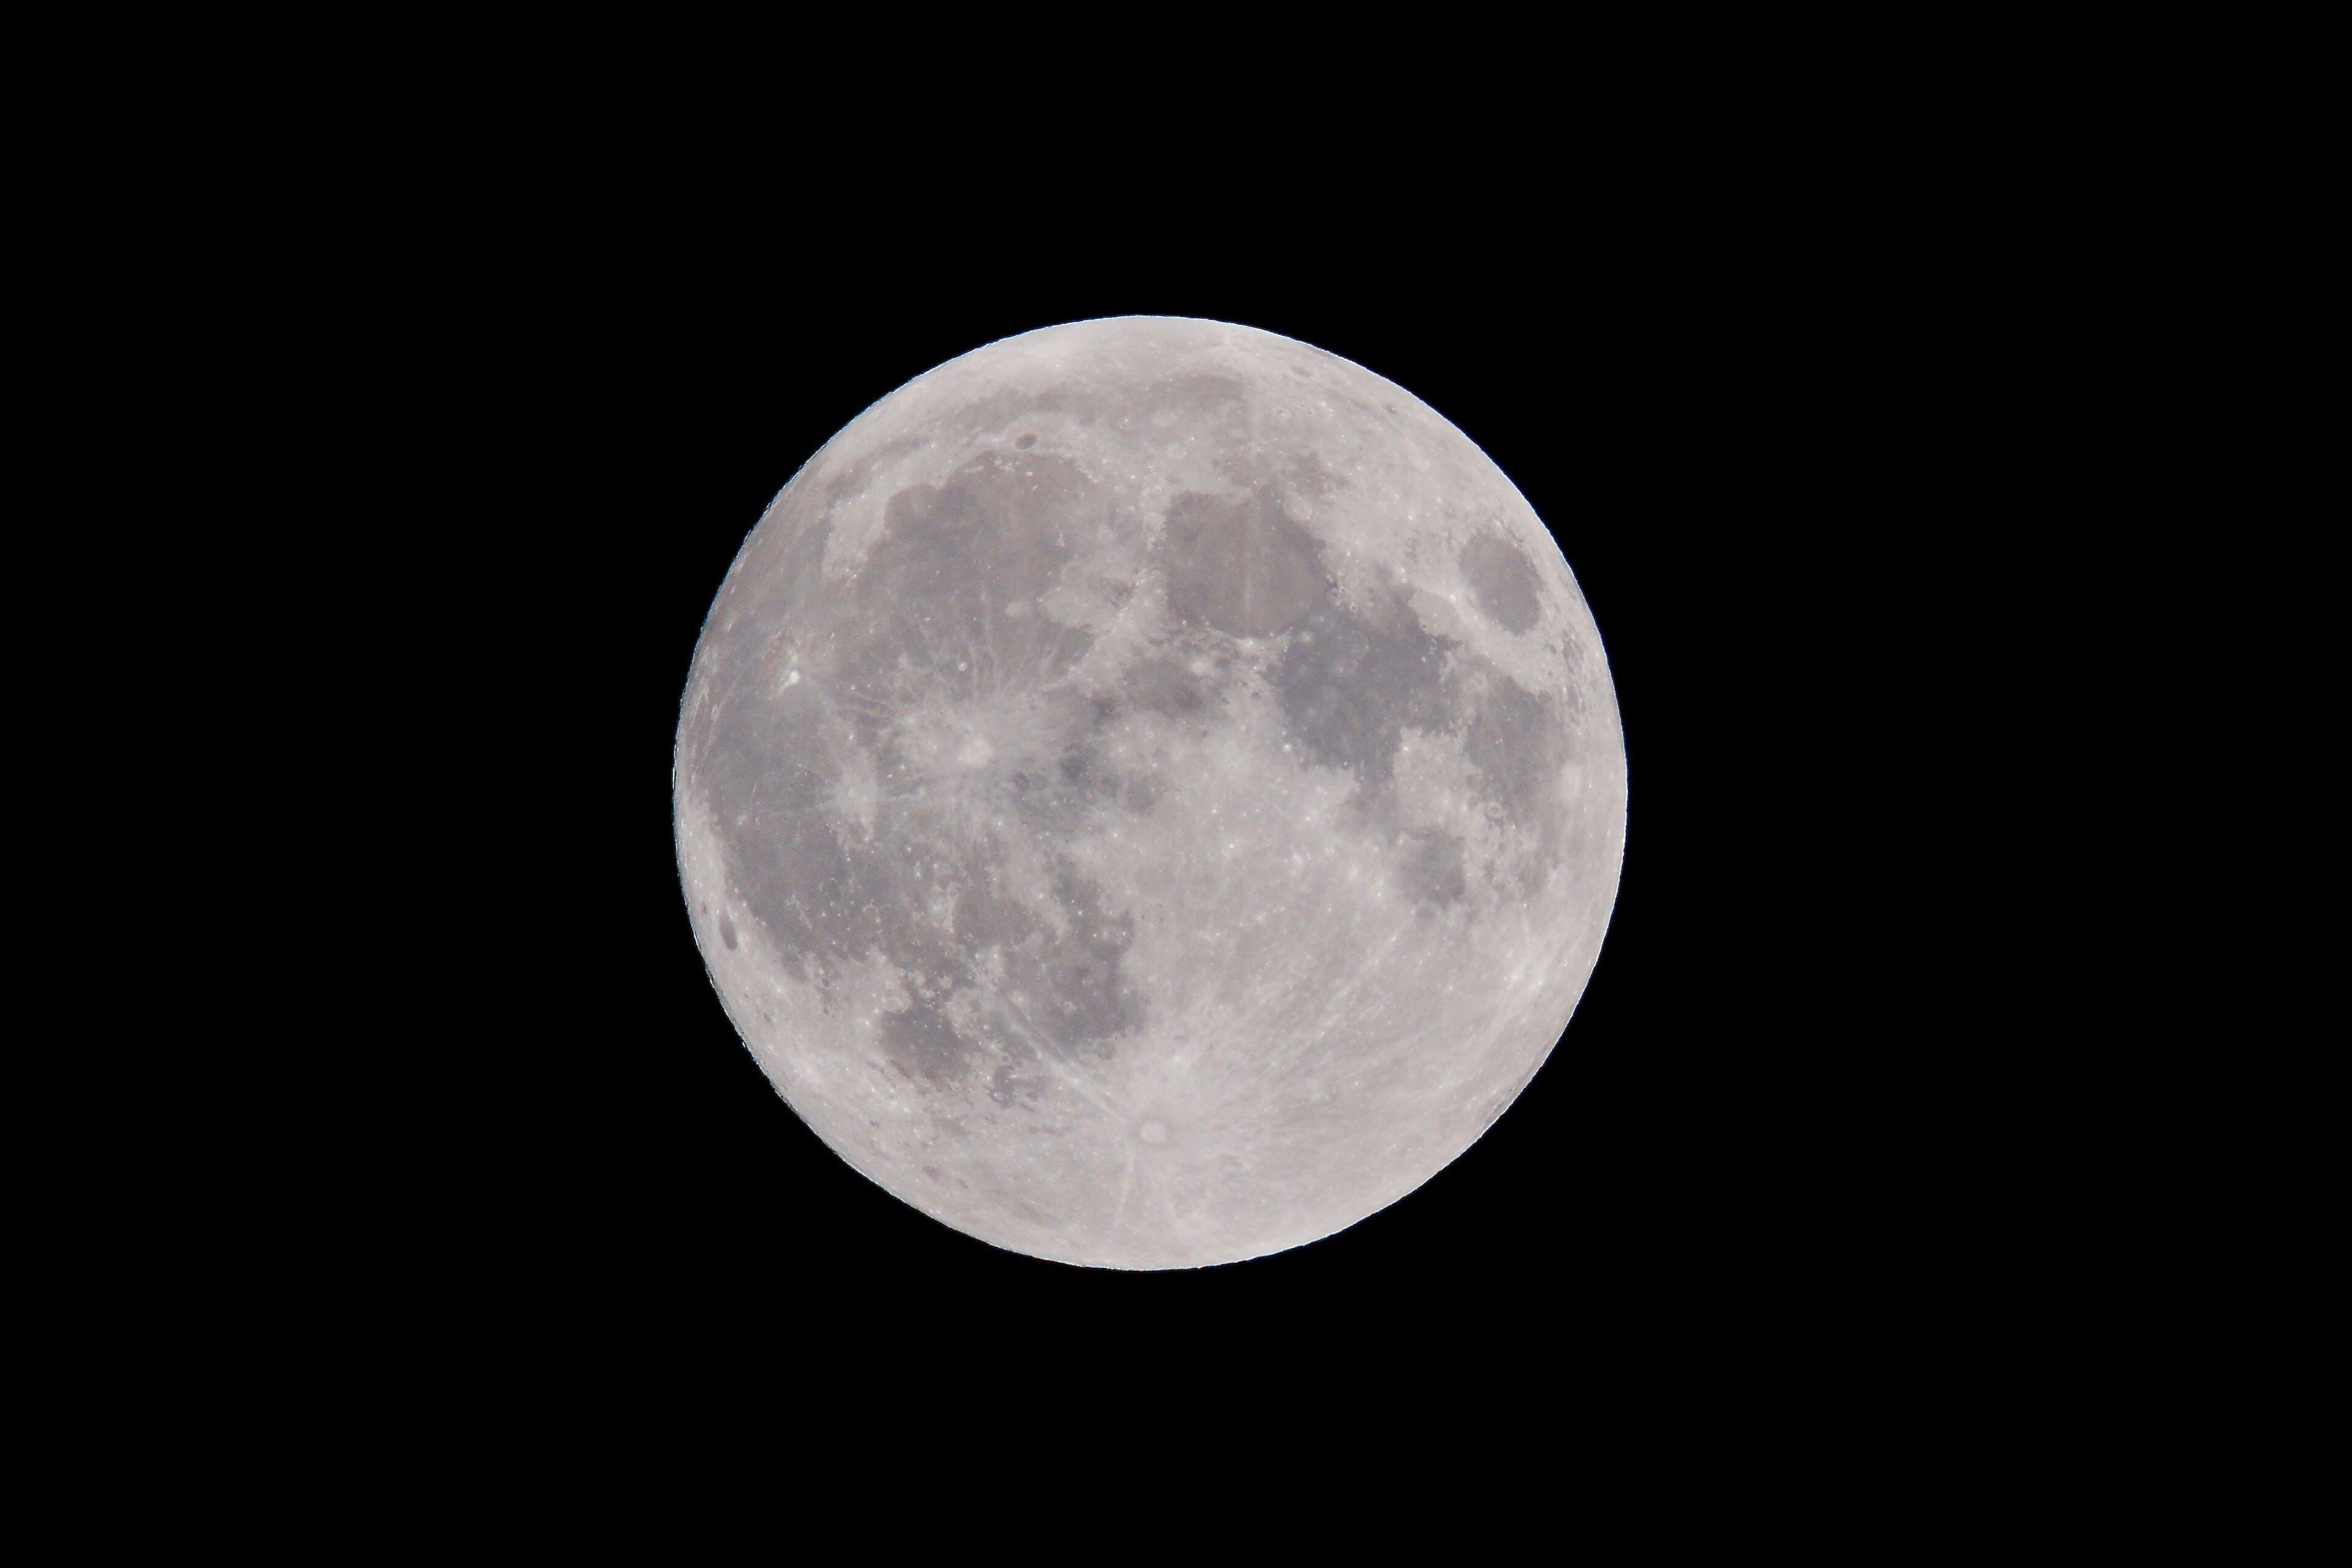 Gratis arkivbilde med astronomi, fullmåne, luna, lunar